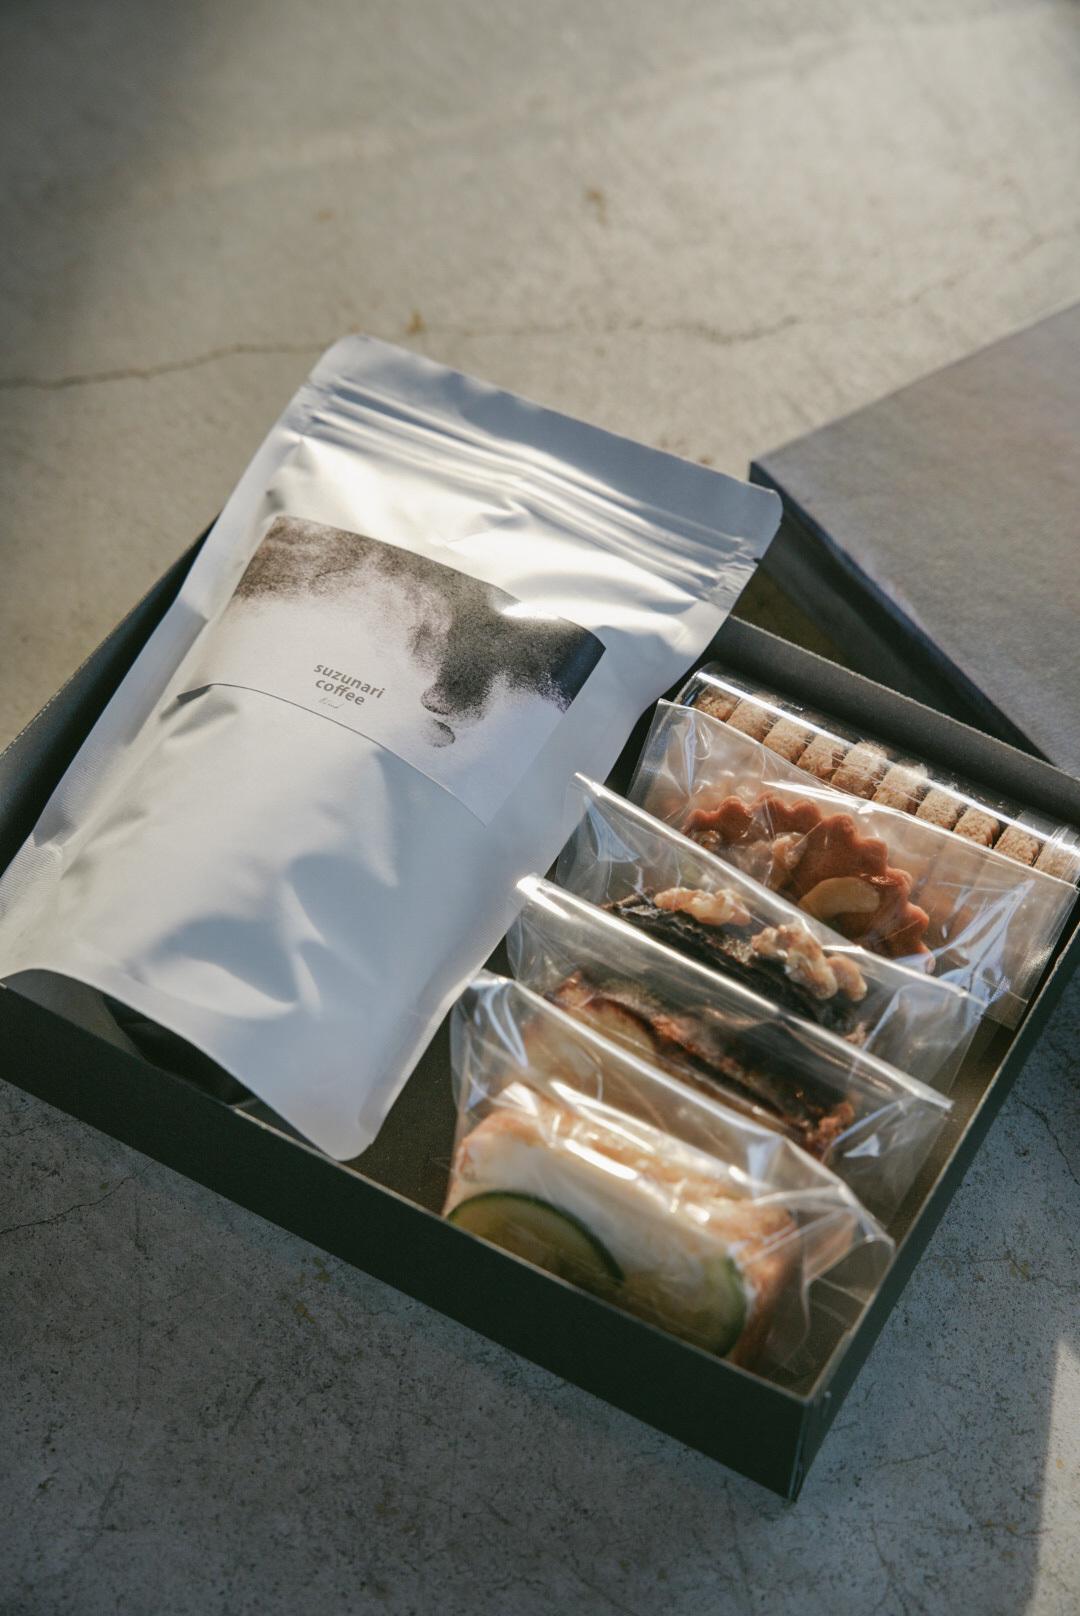 【父の日ギフト】スズナリからの贈り物 (季節の焼き菓子とコーヒー豆)